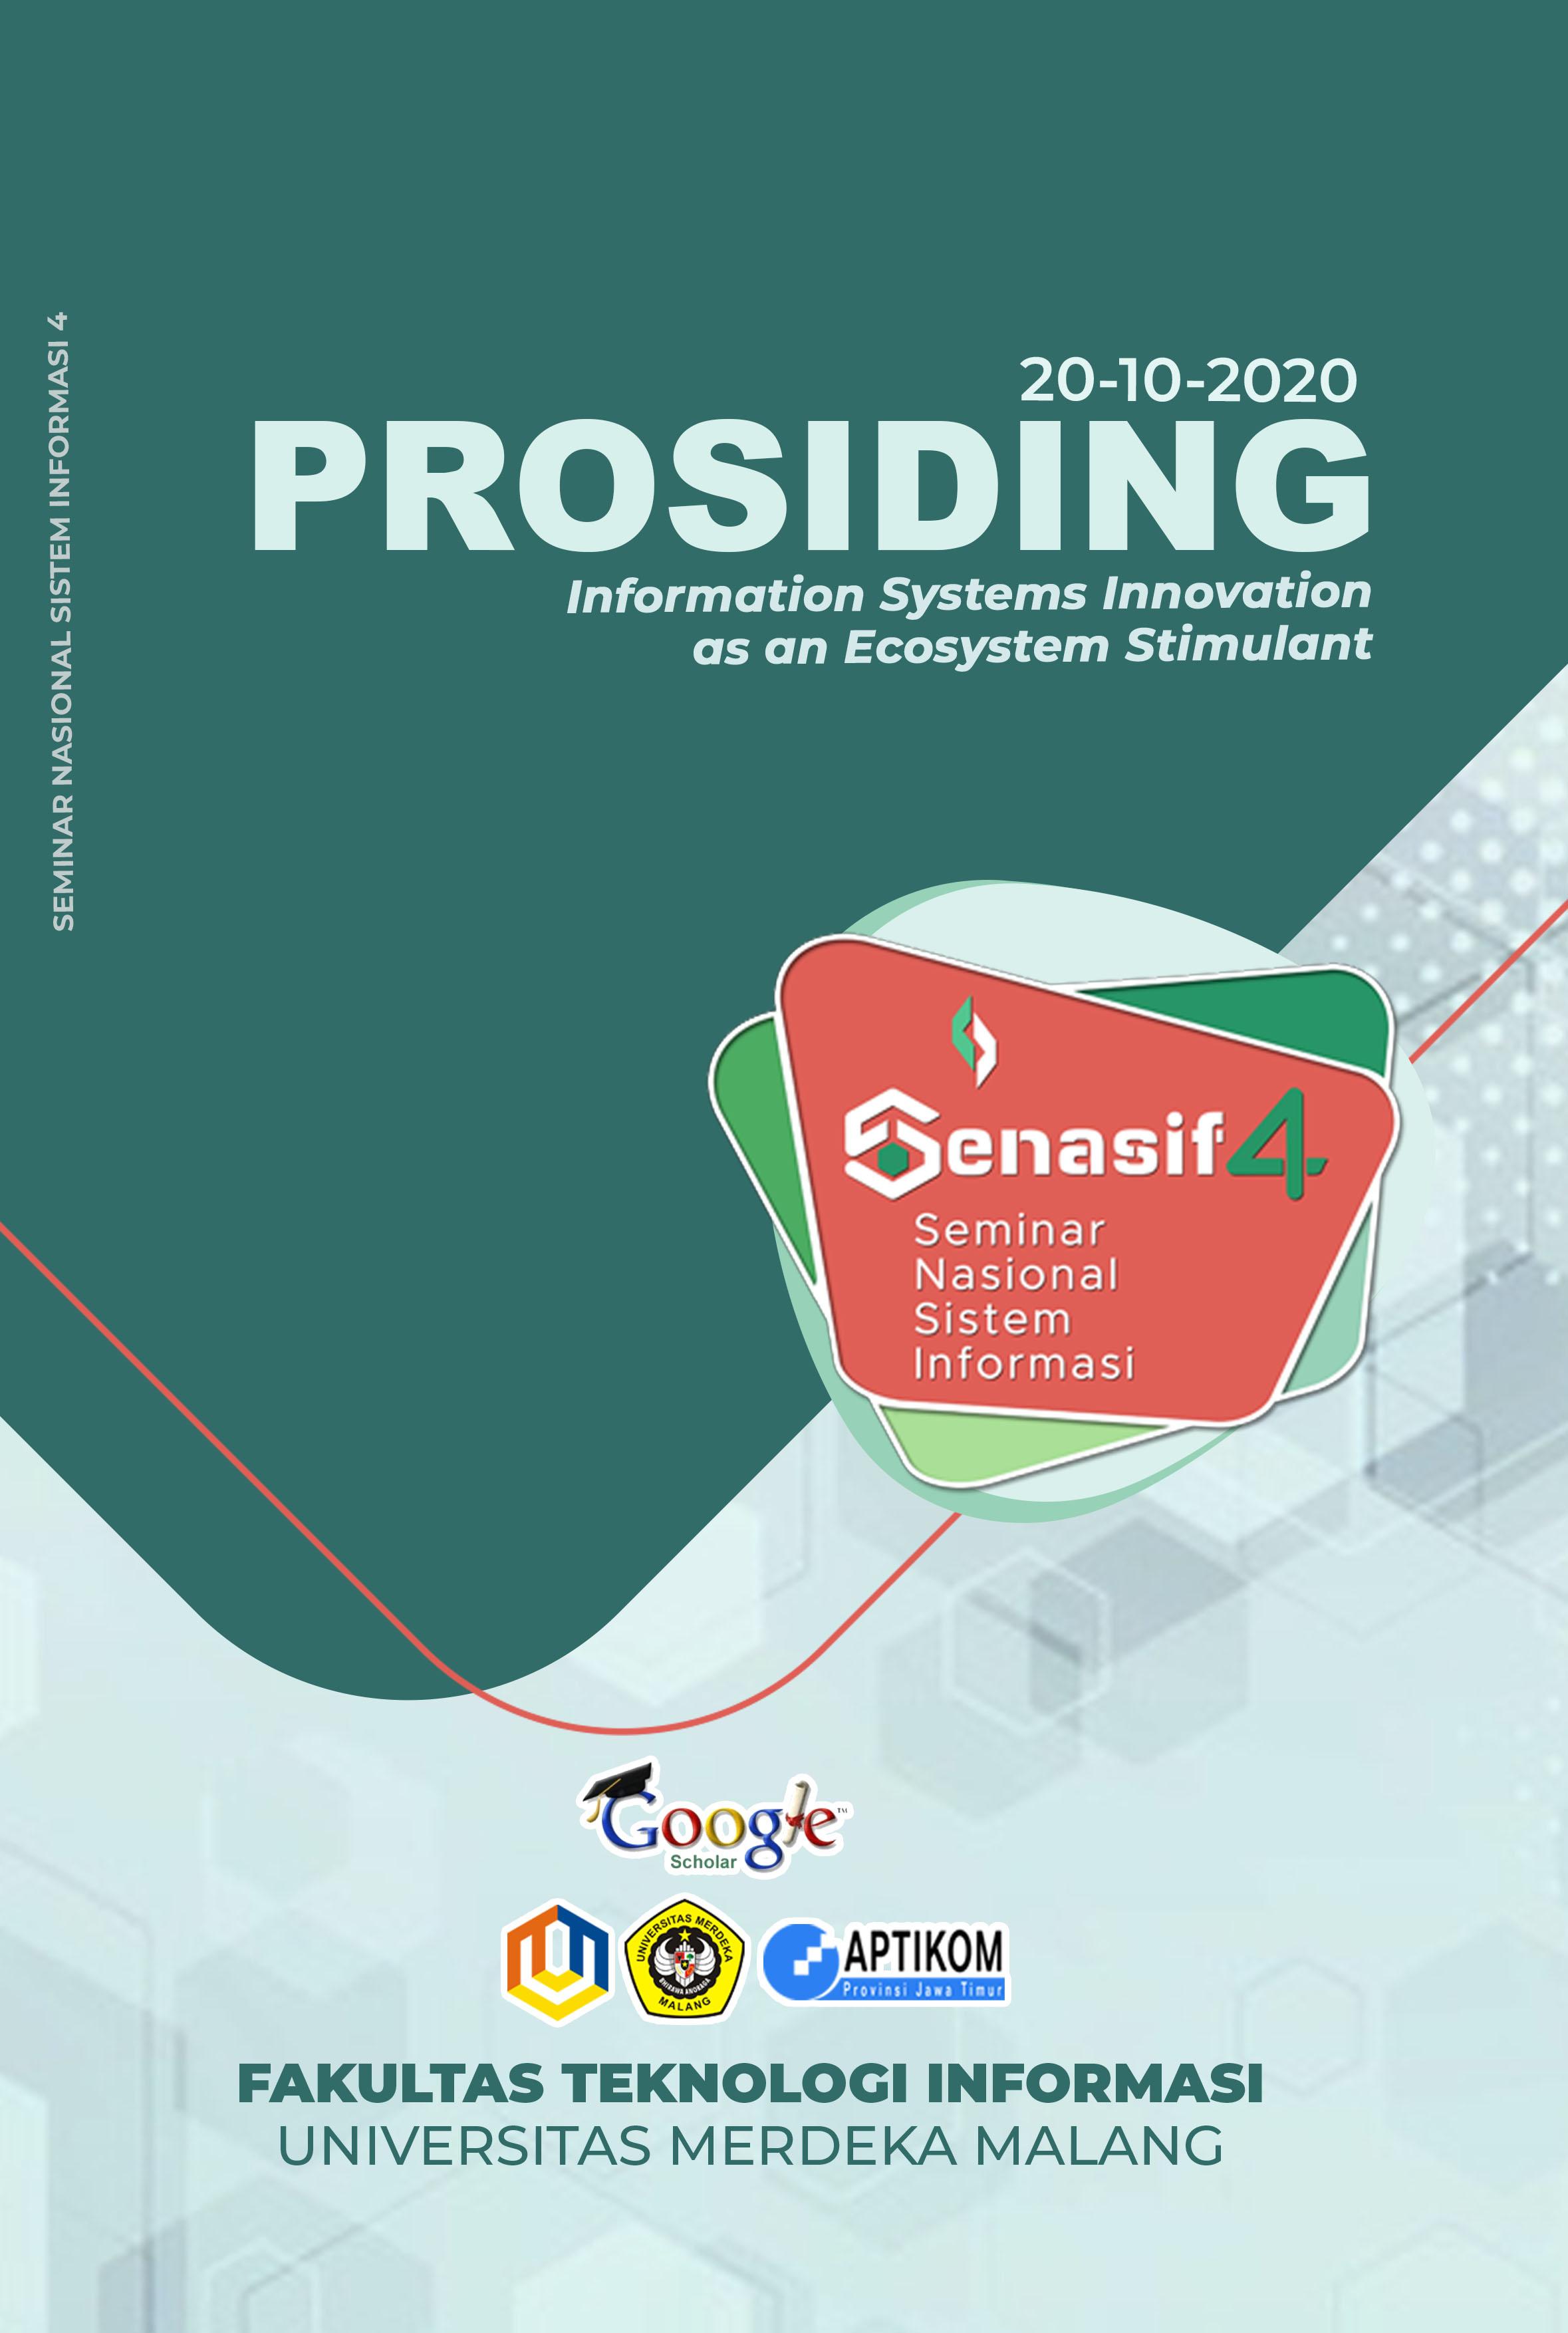 PROSIDING SENASIF 4 2020